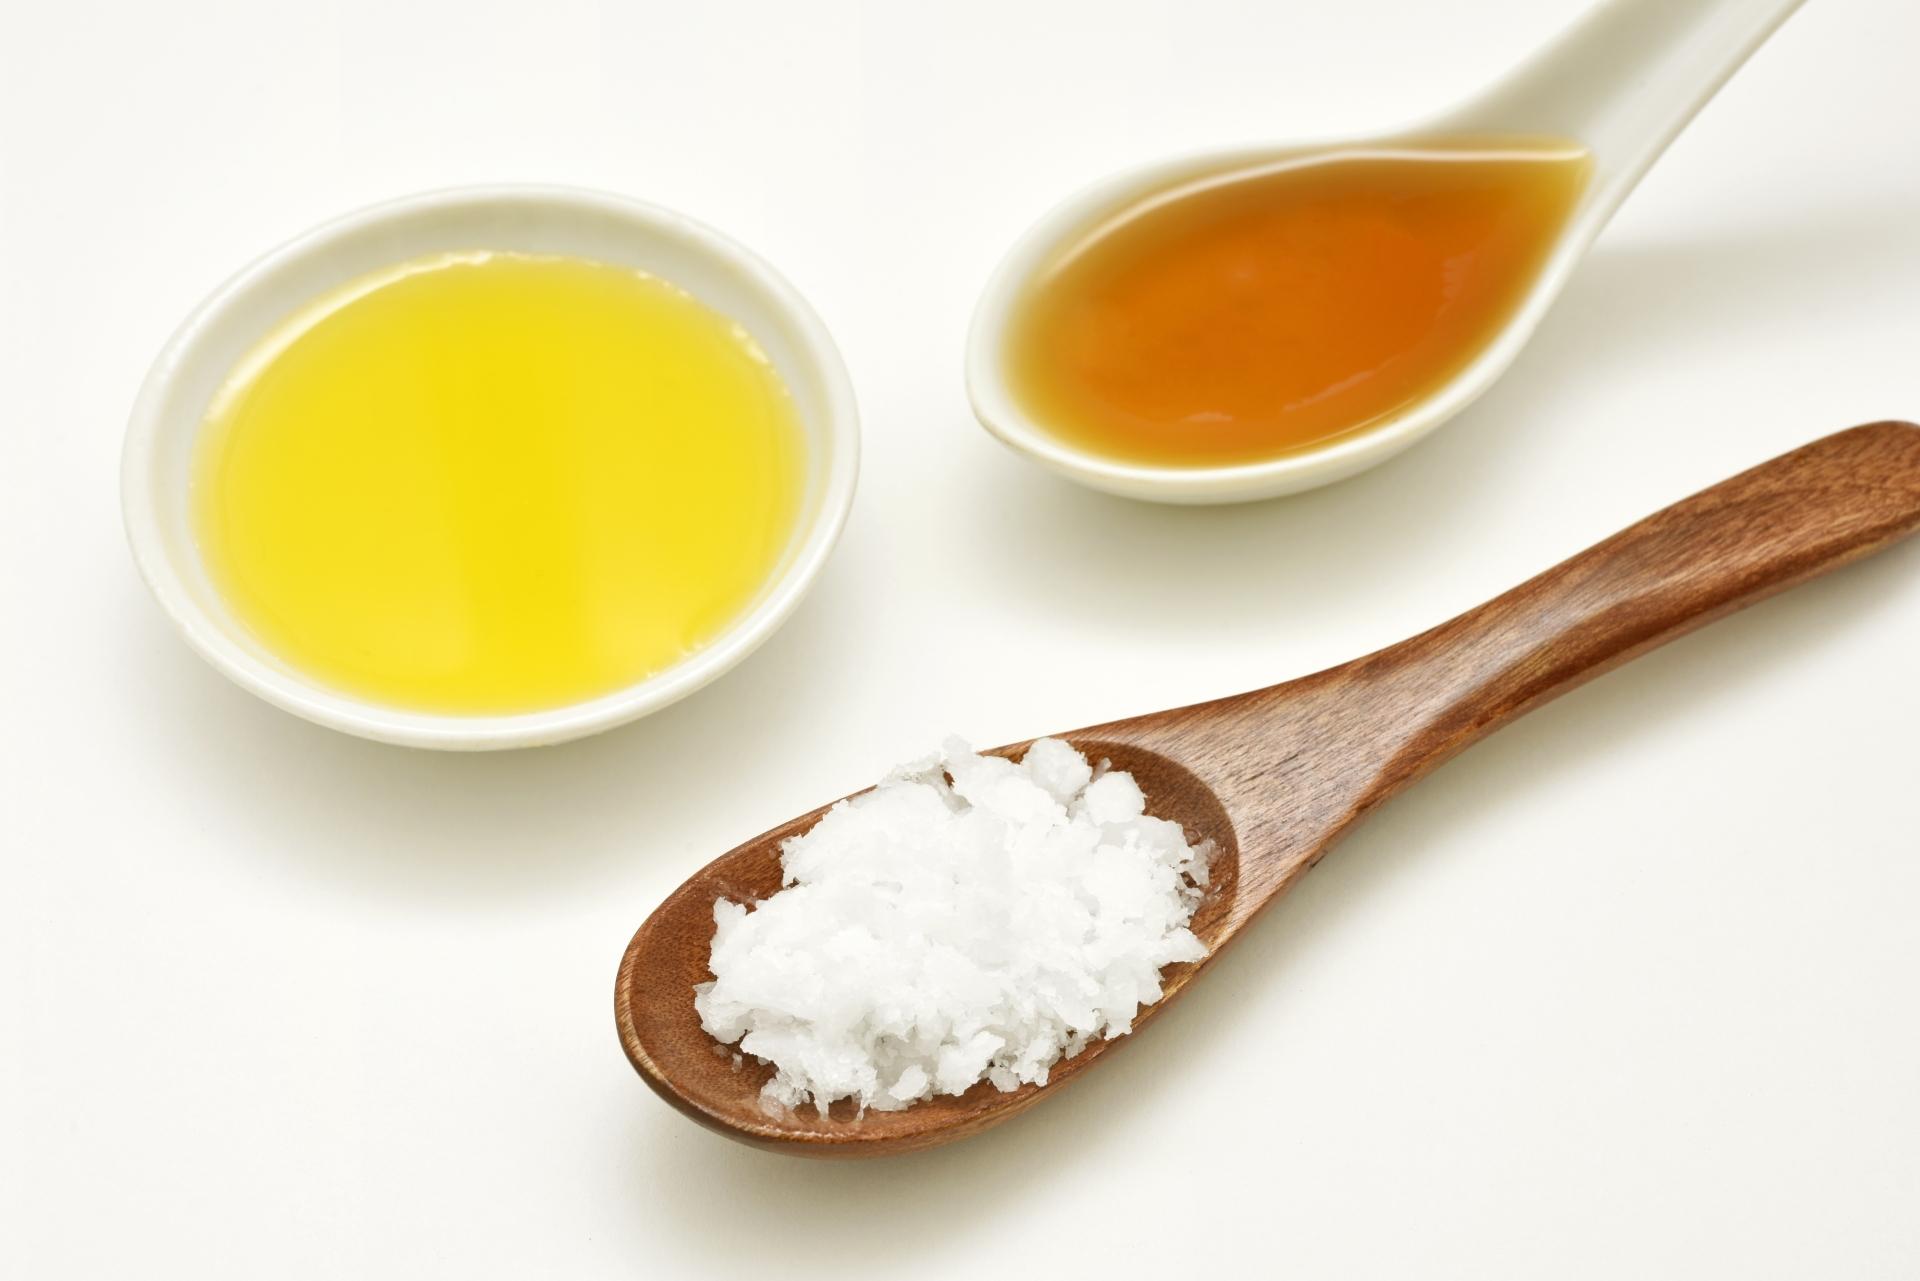 ごま油の代用アイデア8つ!ラー油やオリーブオイルは代わりに使える?